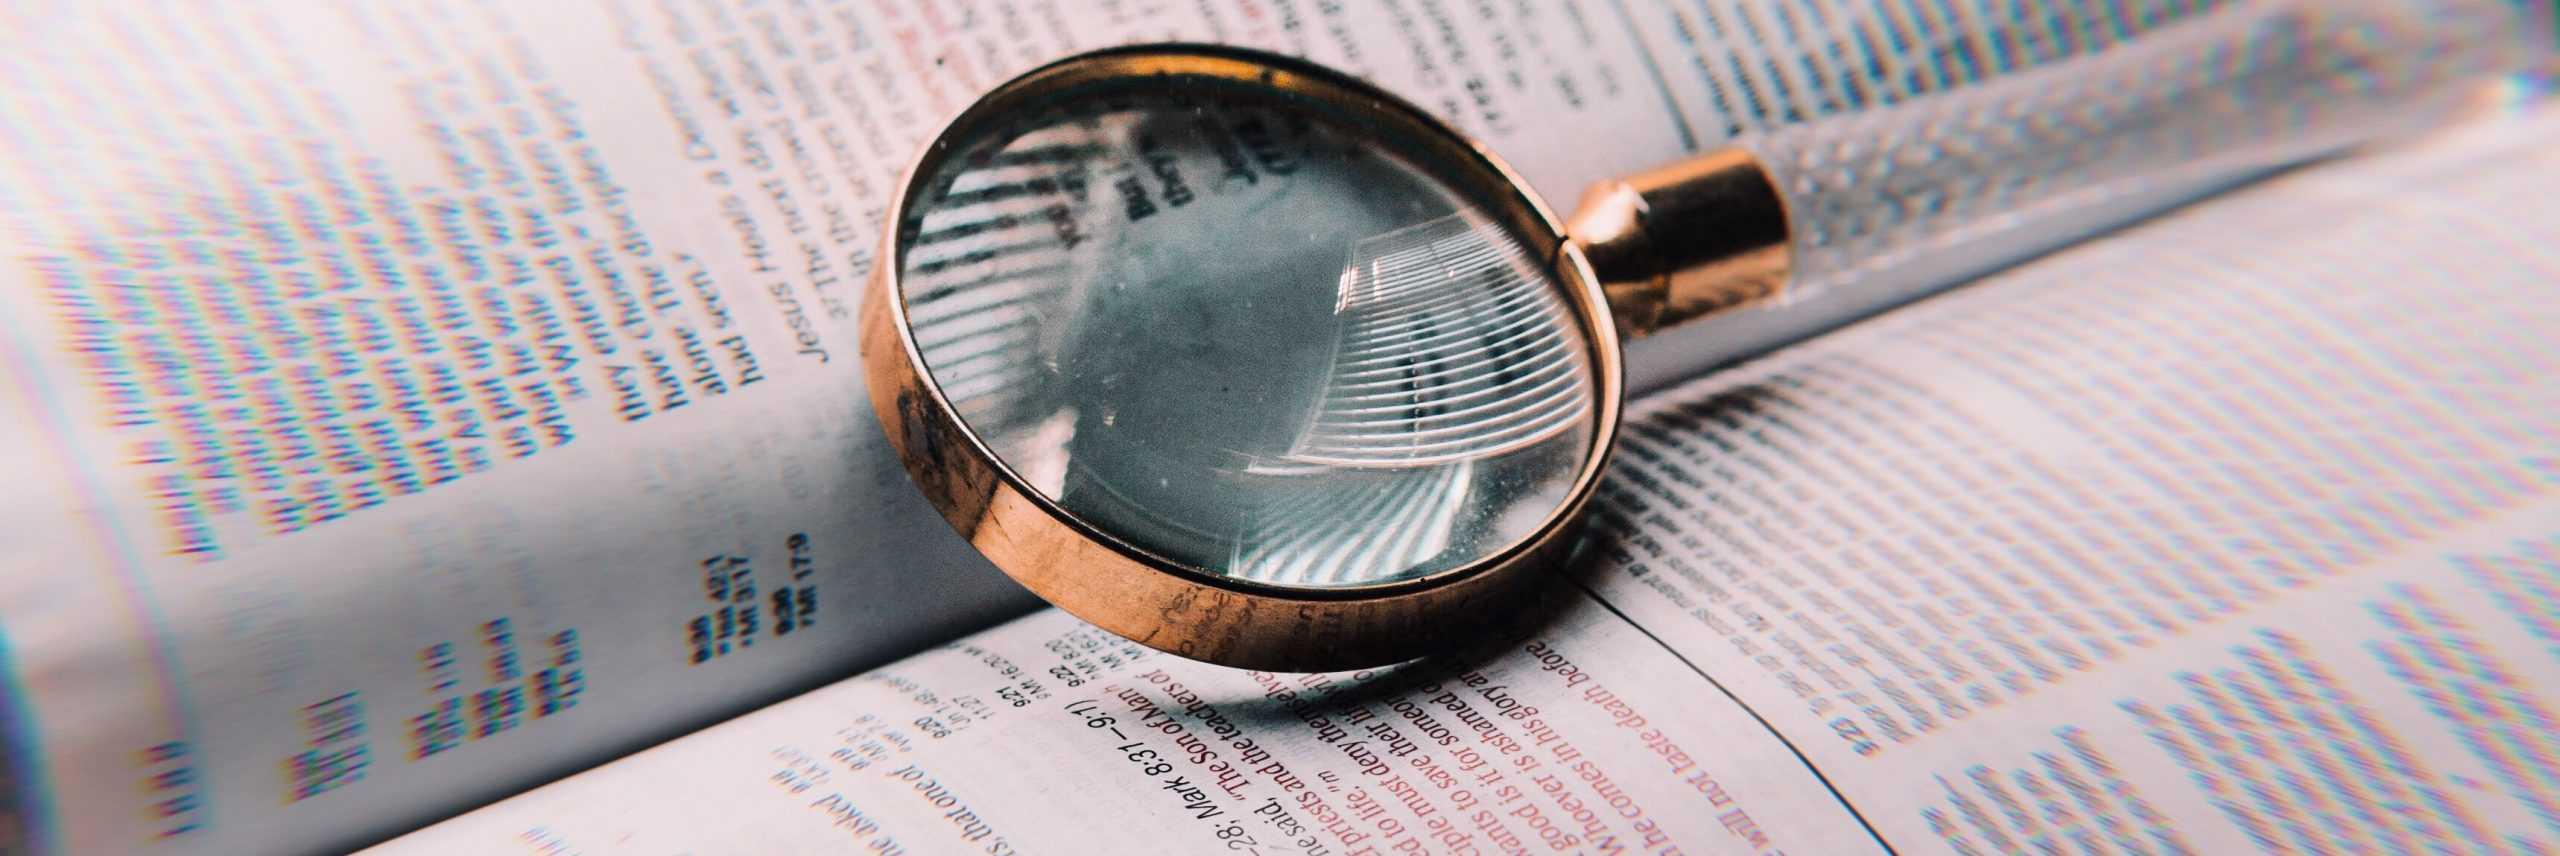 Muster Informationspflichten Nach Art 13 Und 14 Dsgvo Mit Pflichtangaben Dsgvo Vorlagen